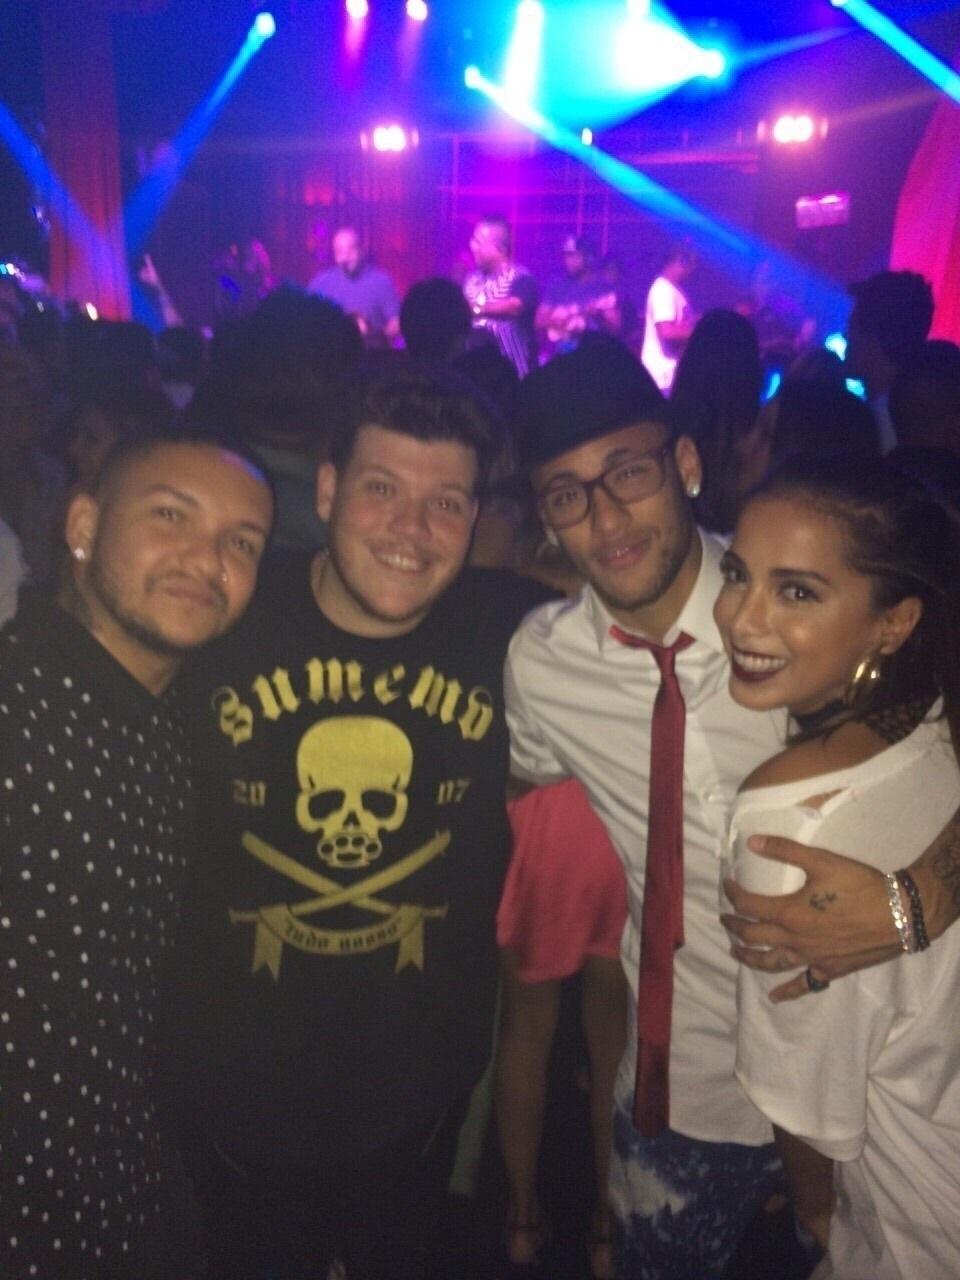 9.mar.2015 - Rafaella Santos, irmã de Neymar, comemorou a chegada de seus 19 anos com uma mega festa em uma boate paulistana na noite dessa segunda-feira. Os cantores de pagode Suel e Ferrugem com Neymar e Anitta na festa de aniversário de Rafaella, na Royal